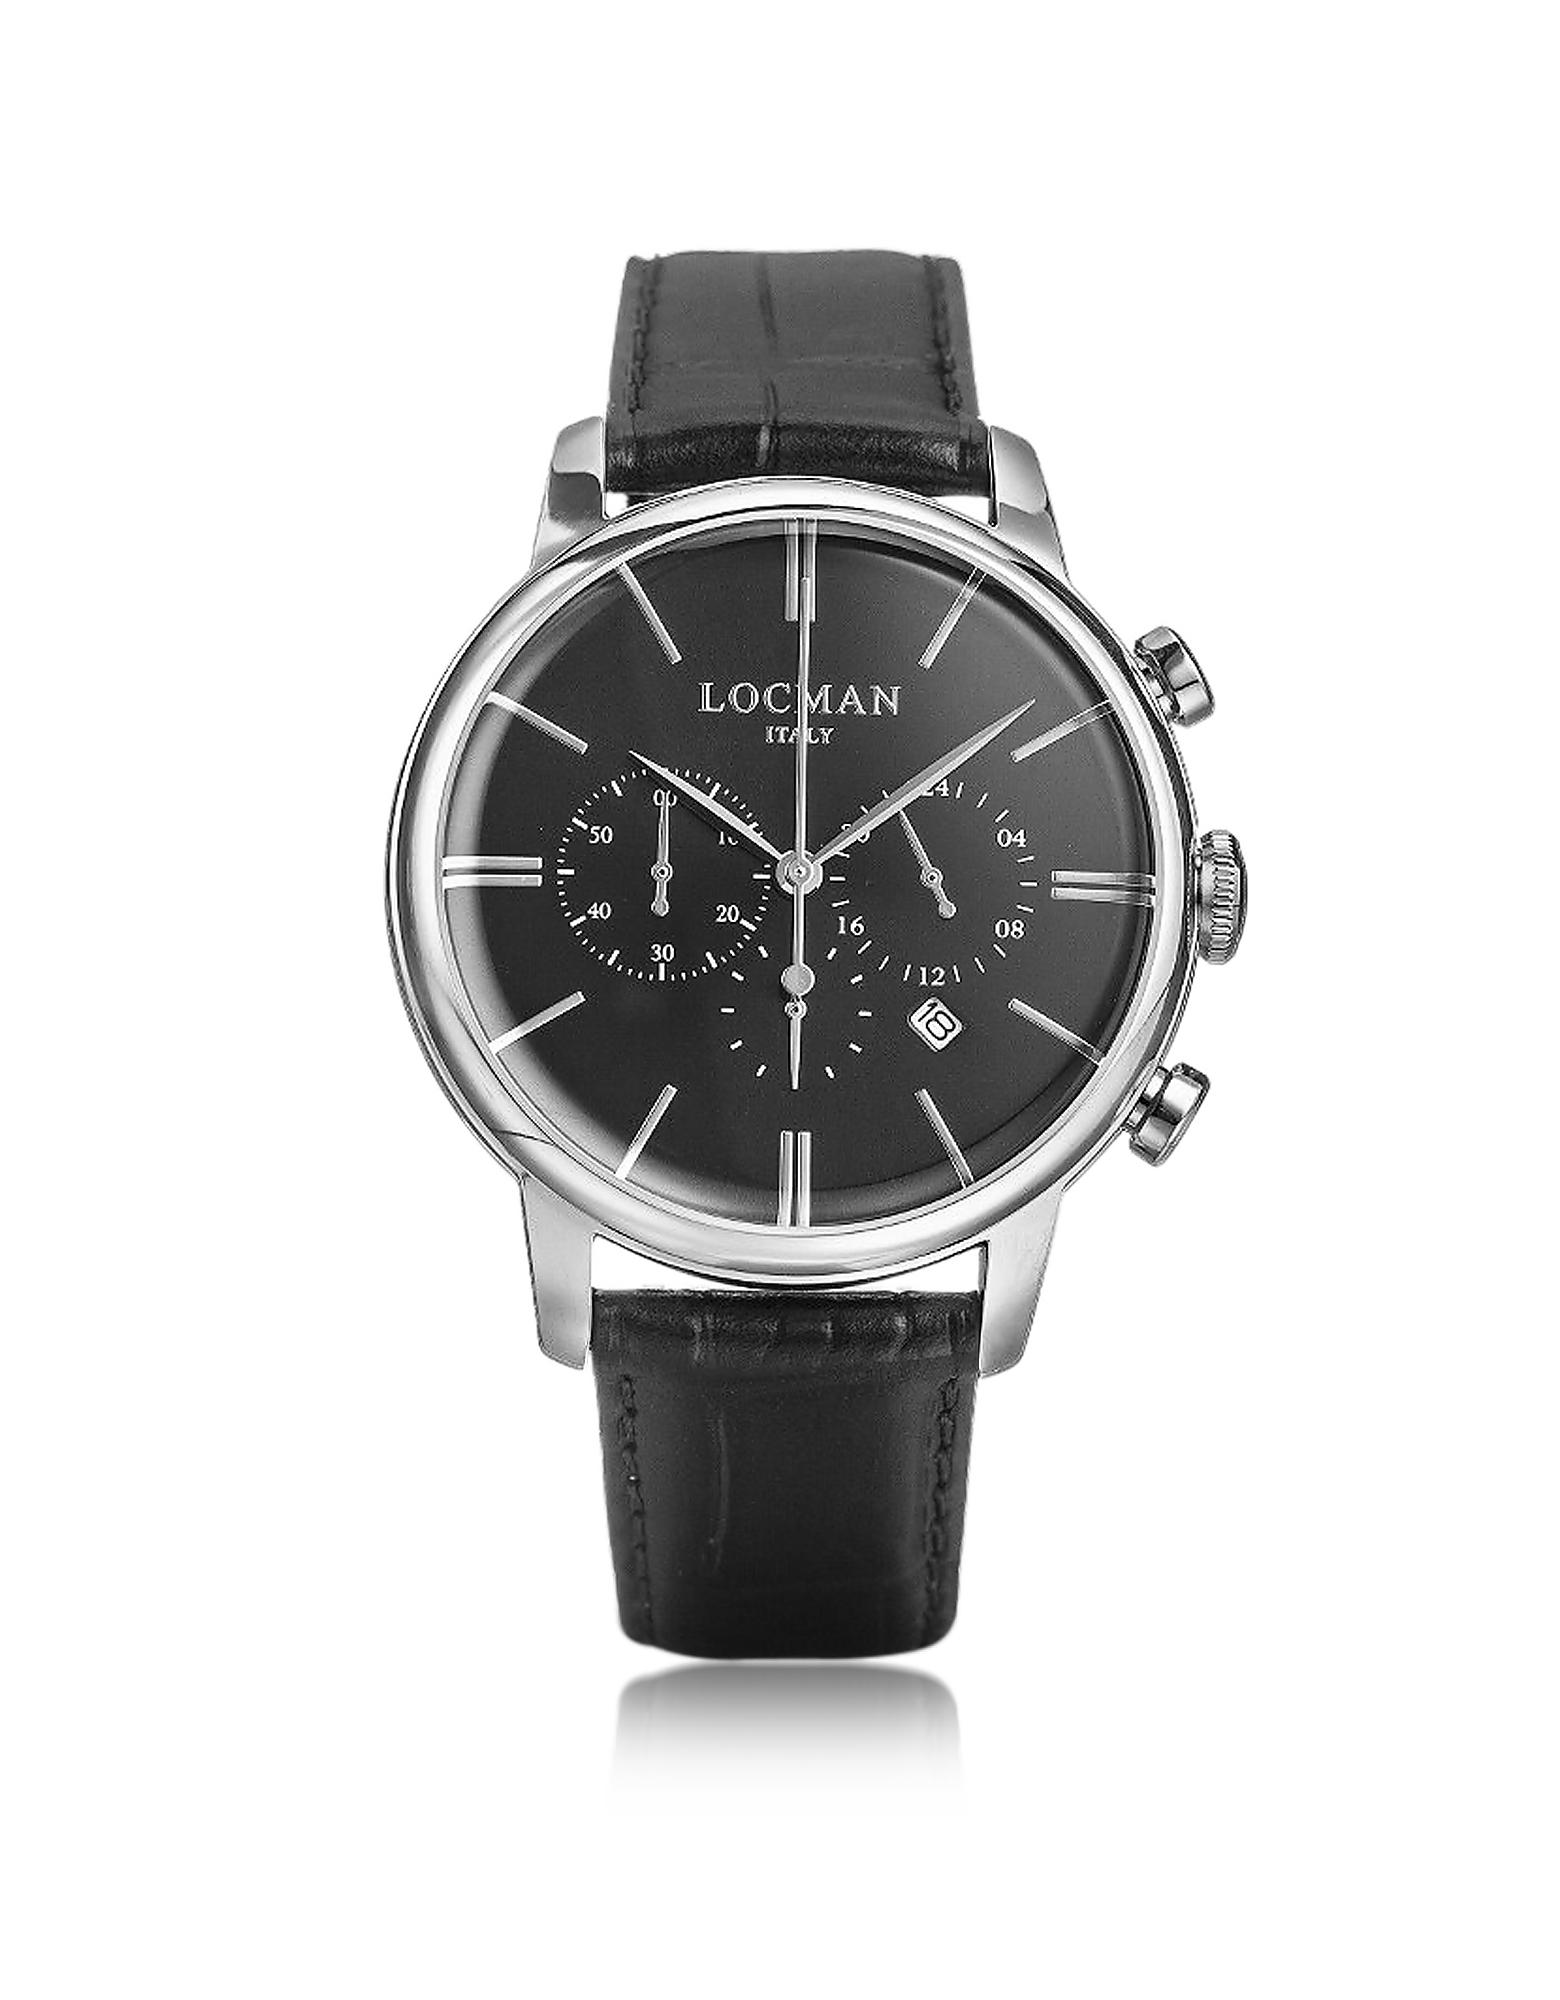 1960 - Серебристые Мужские Часы Хронограф из Нержавеющей Стали с Черным Ремешком под Крокодиловую Кожу